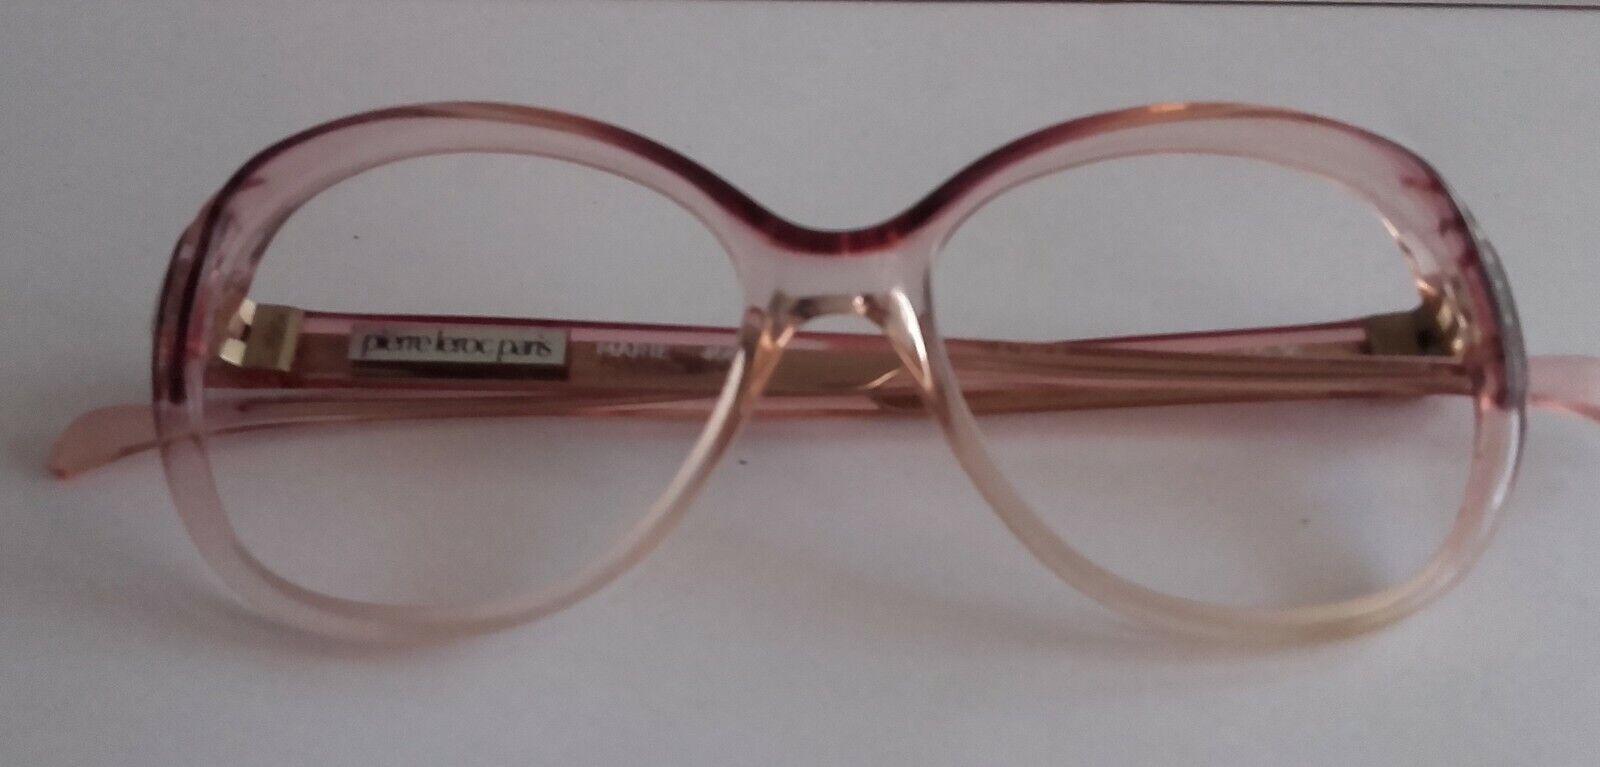 Monture lunettes pierre leroc - vintage annÉe 70/80 - m-pl3b